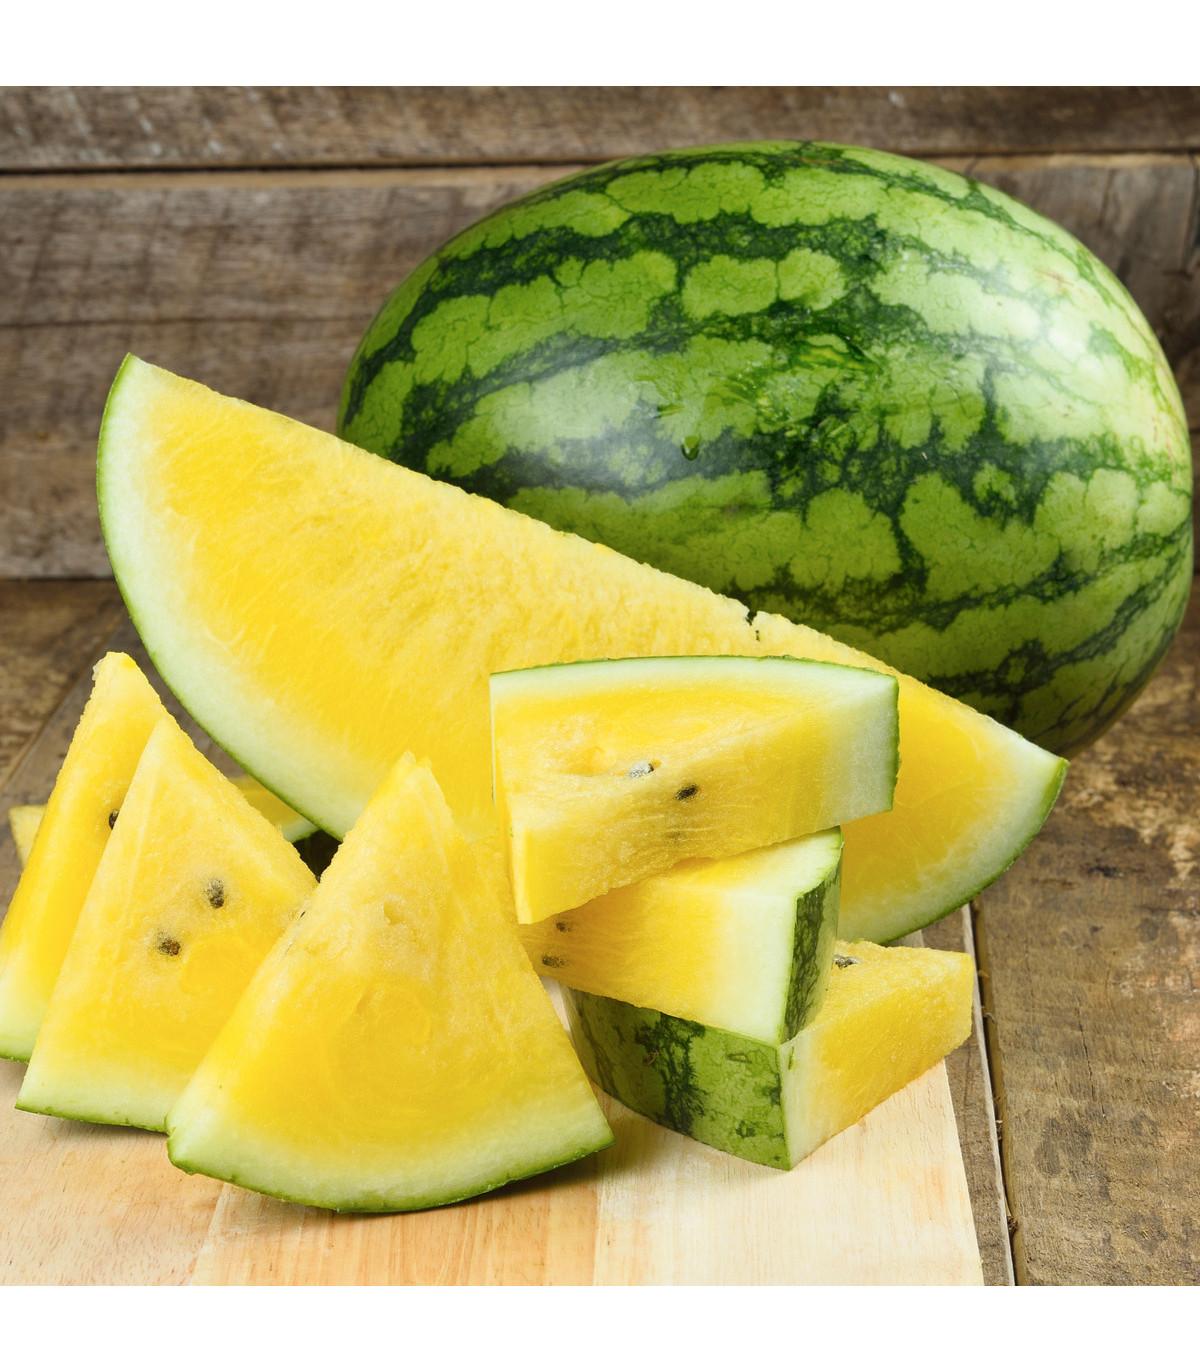 Melón Jánošík - vodný žltý melón - Citrullus lanatus - semená melónu - 6 ks